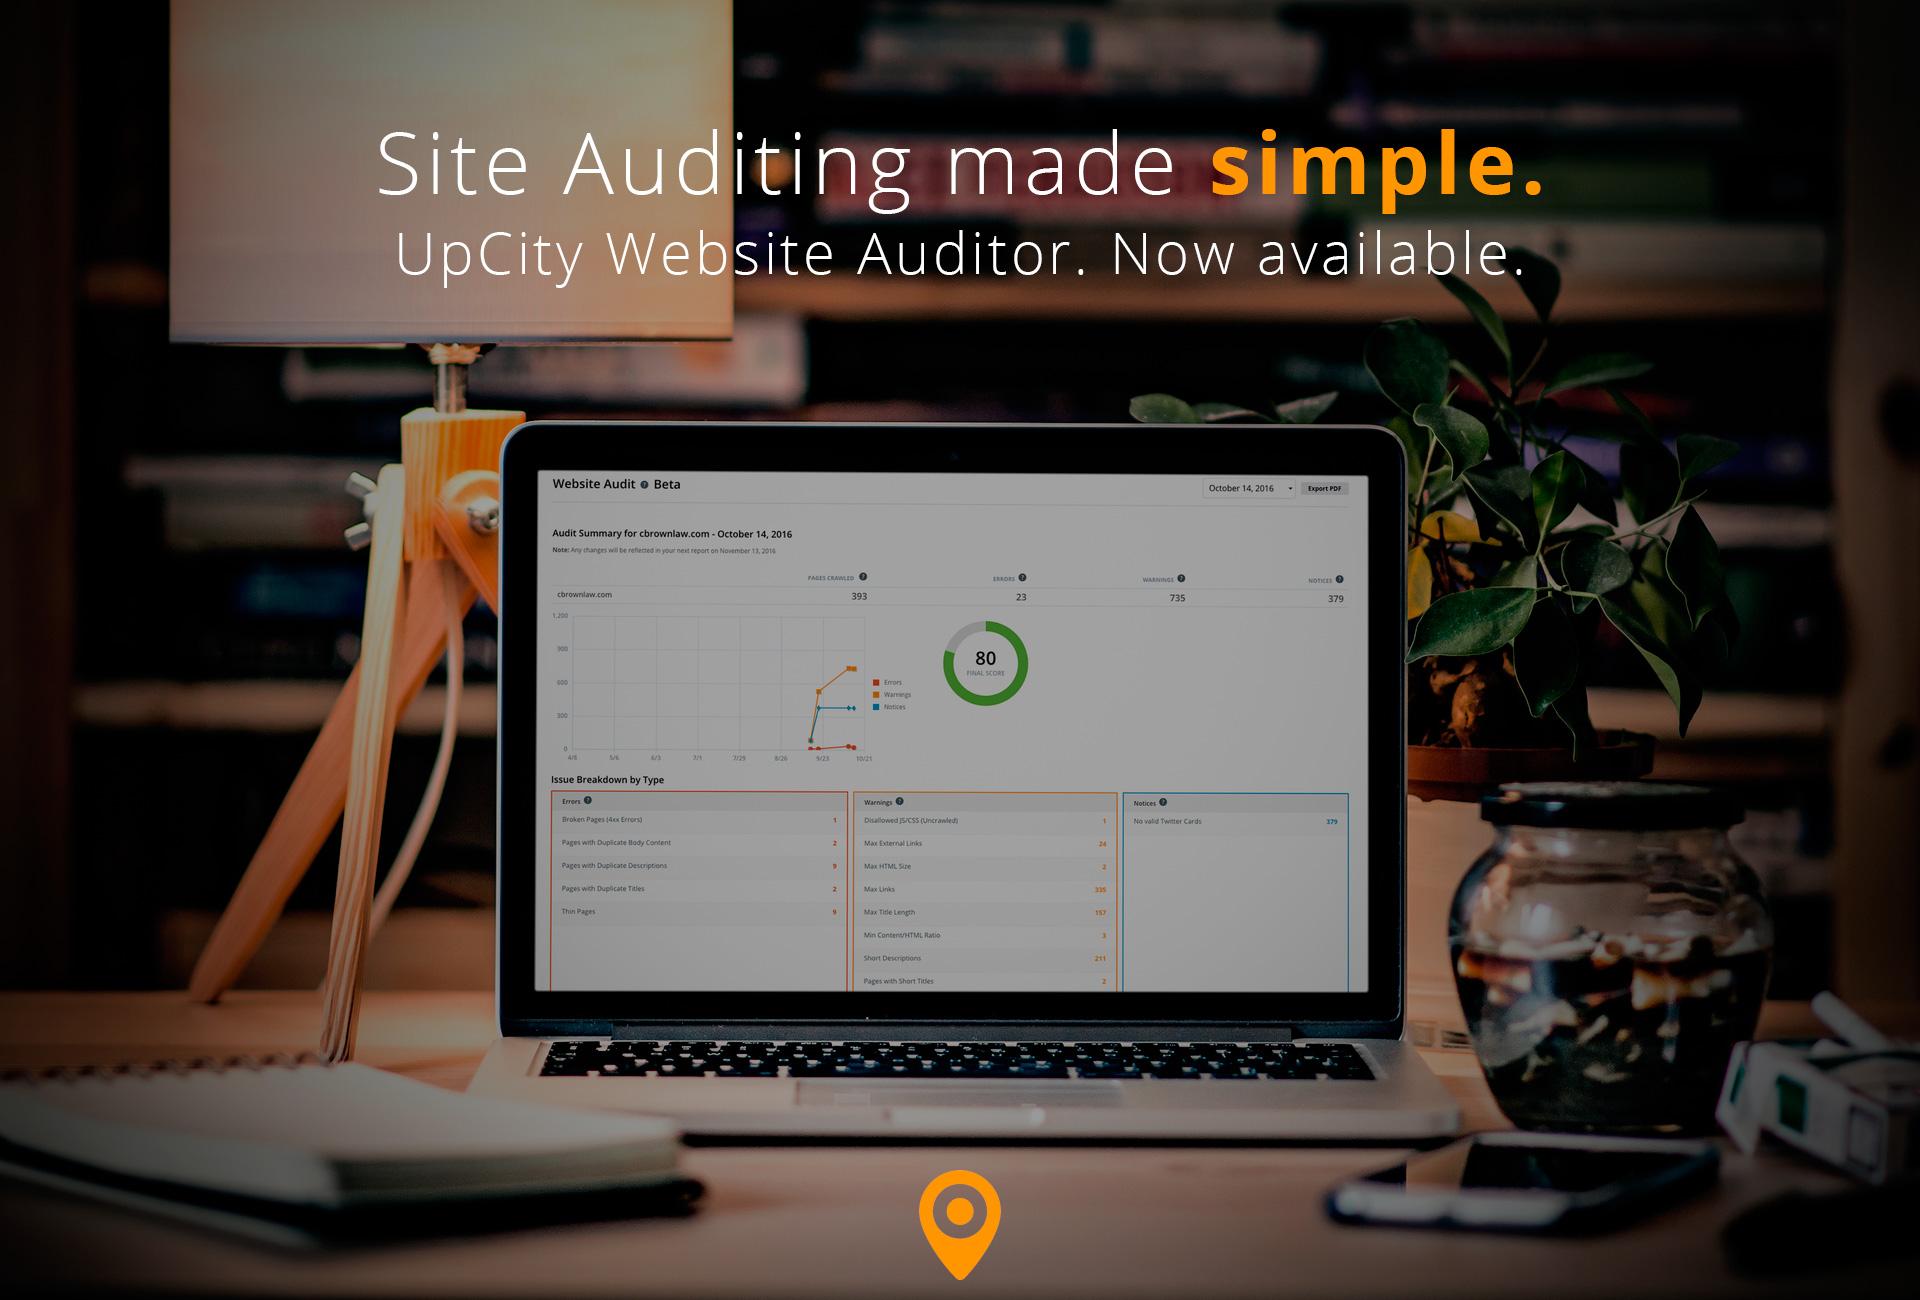 upcity-website-audit-banner